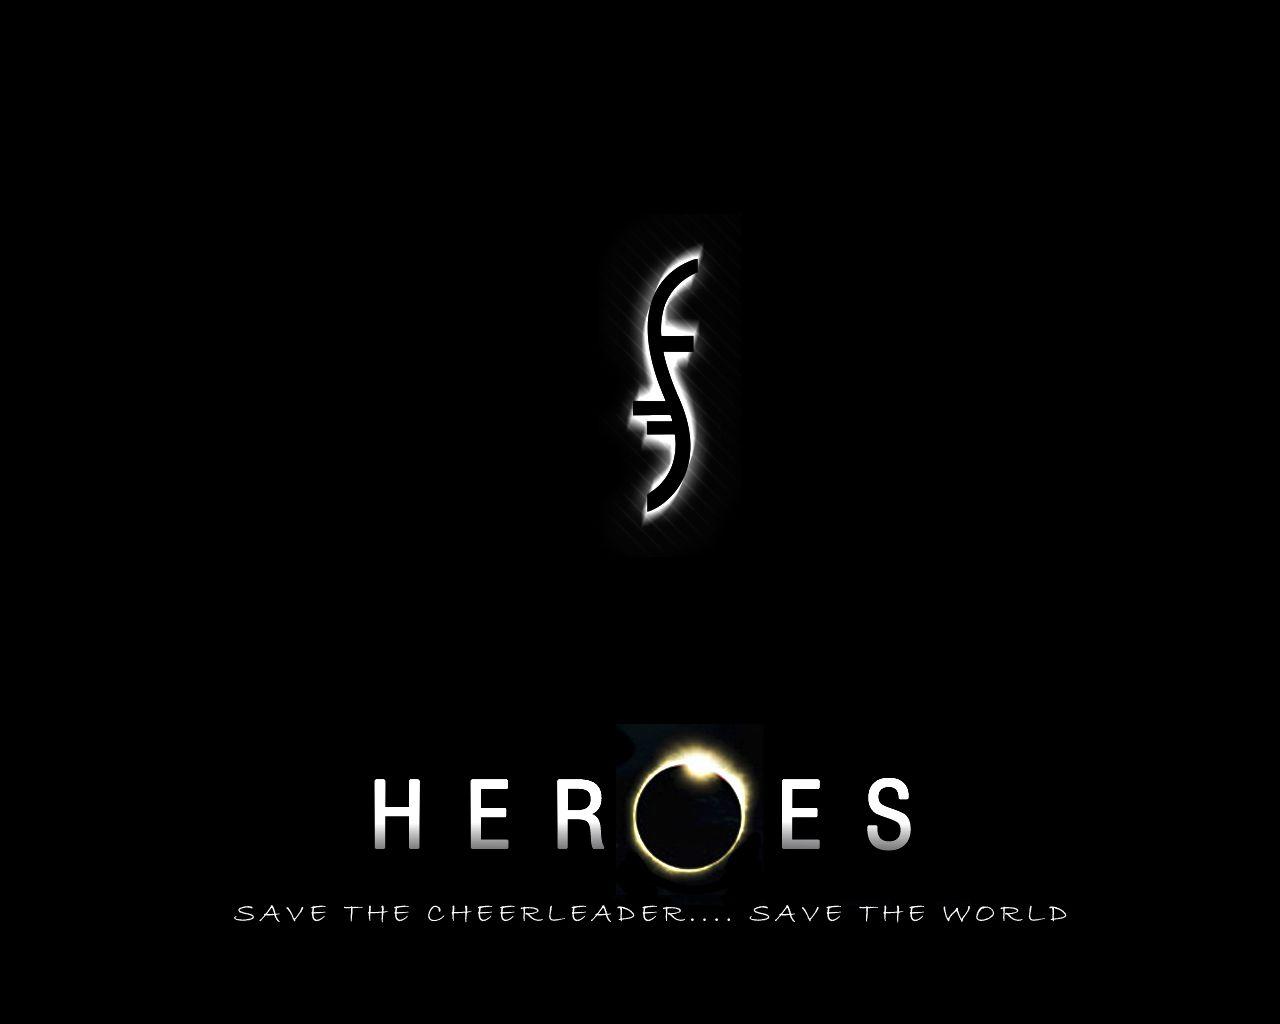 Heroes 9th Wonders